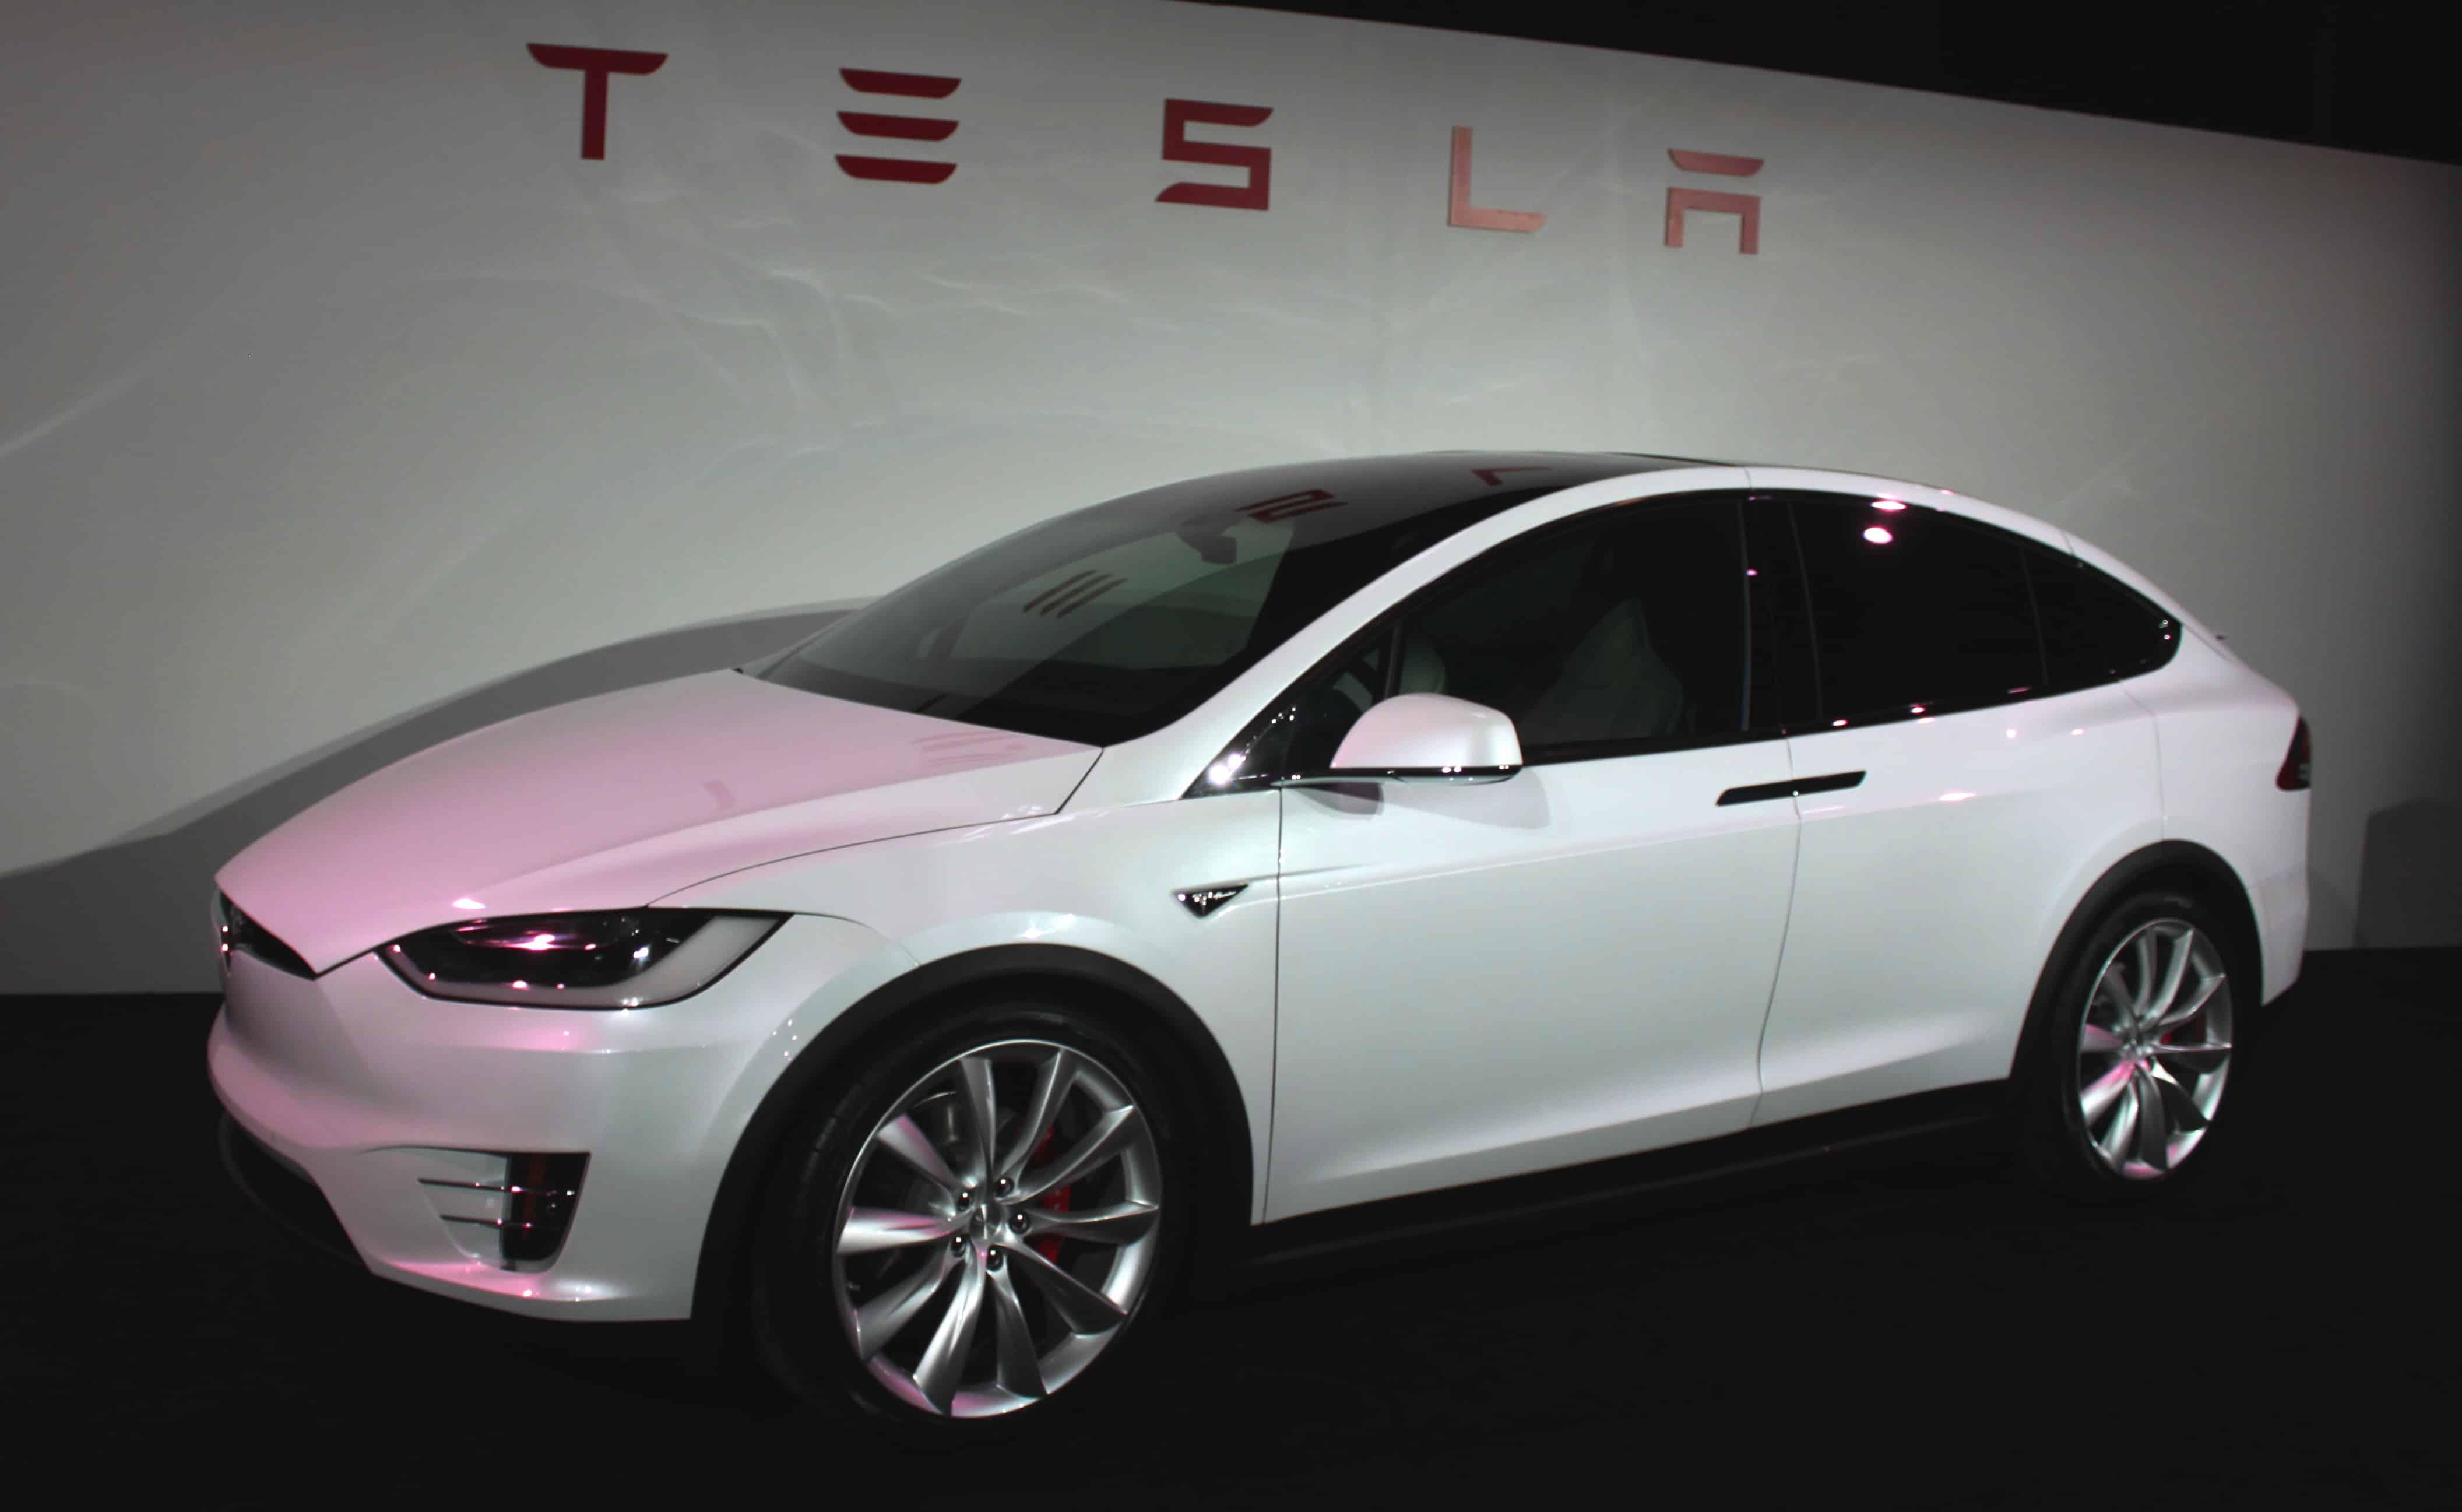 شركة تسلا لصناعة السيارات الكهربائية